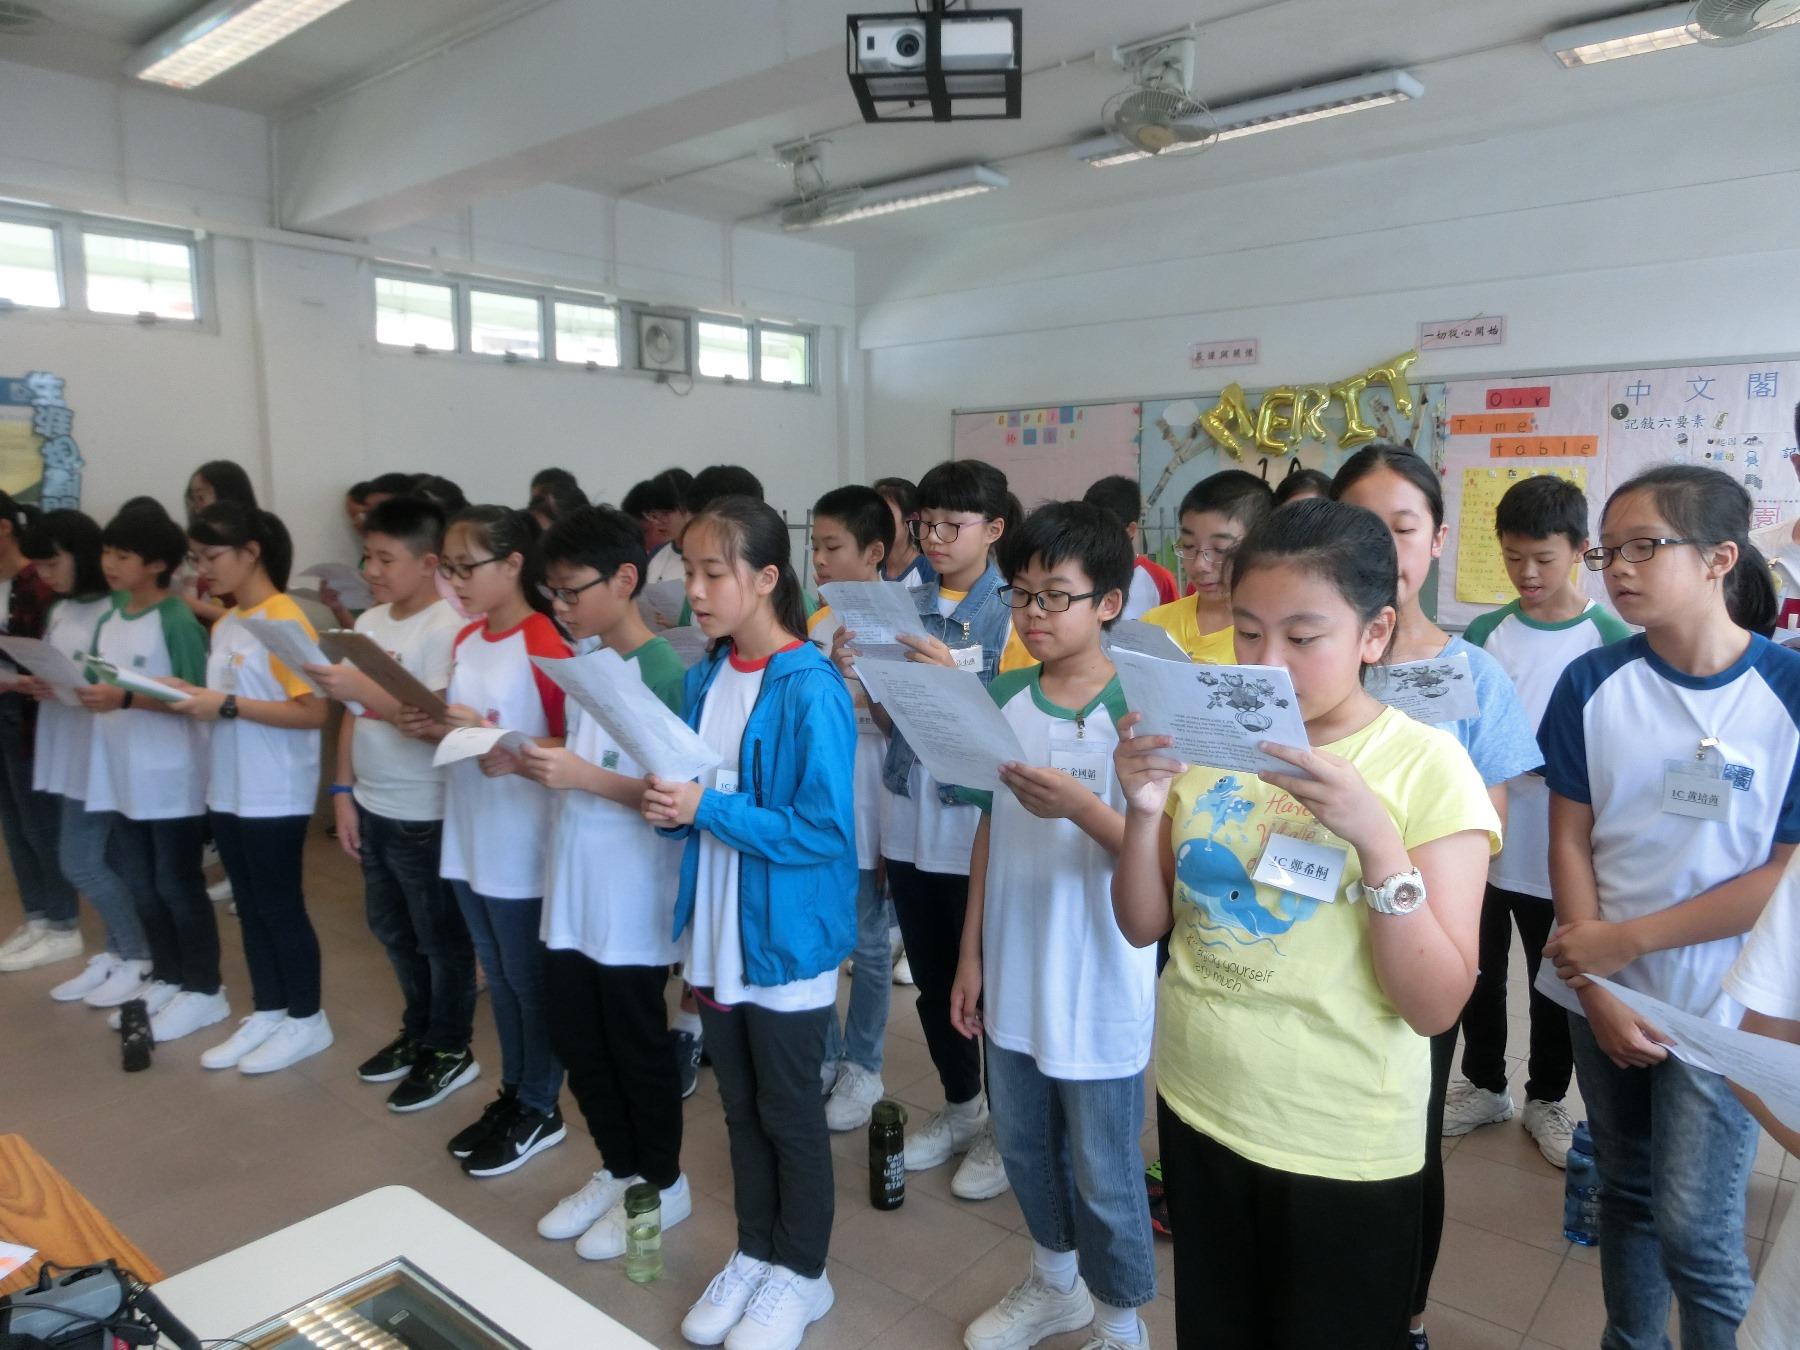 http://npc.edu.hk/sites/default/files/1c_zhong_ying_bing_chong_01.jpg